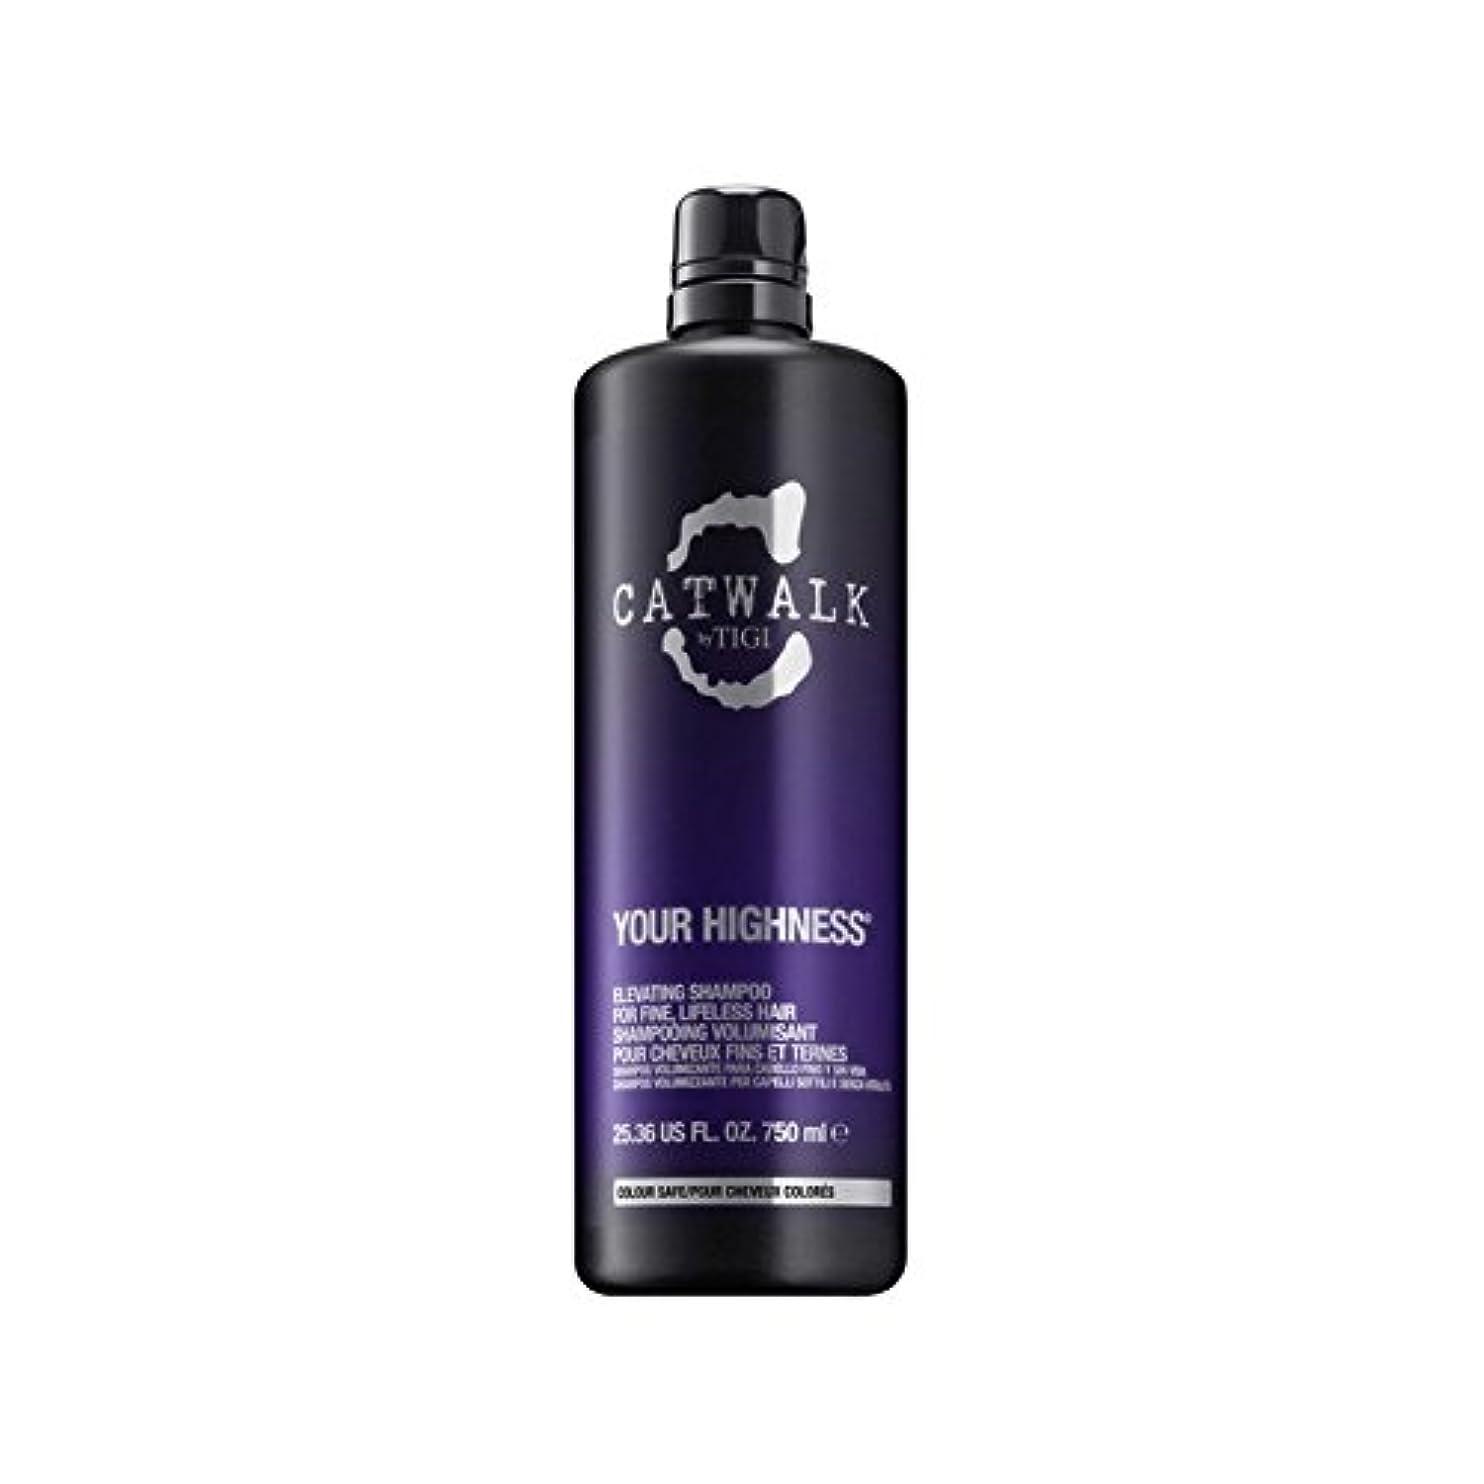 薄いです早熟対称Tigi Catwalk Your Highness Elevating Shampoo (750ml) - シャンプーを昇降ティジーキャットウォーク殿下(750ミリリットル) [並行輸入品]